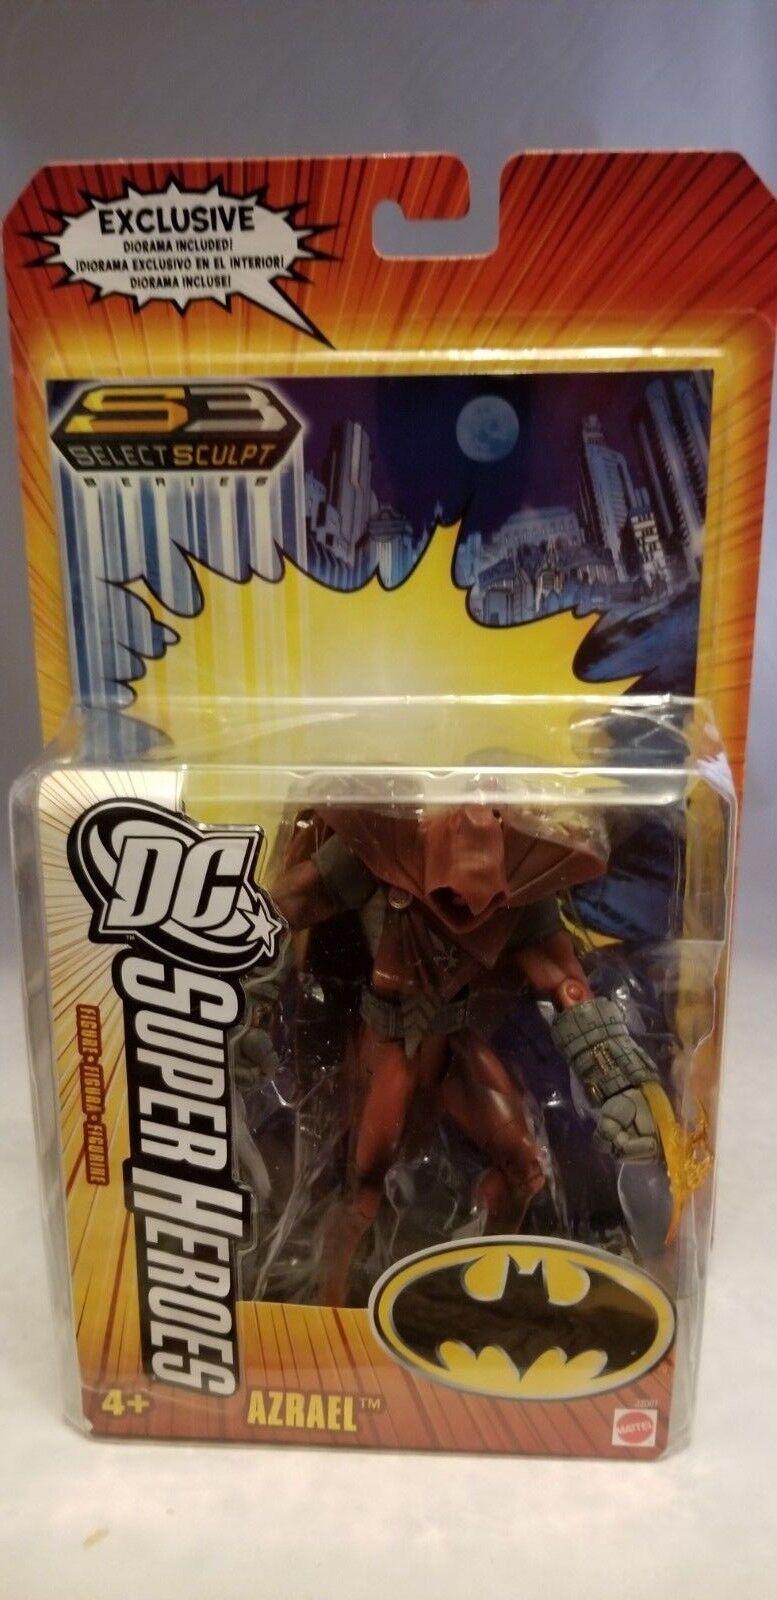 2006 DC SUPER HEROES 6  AZRAEL FIGURE